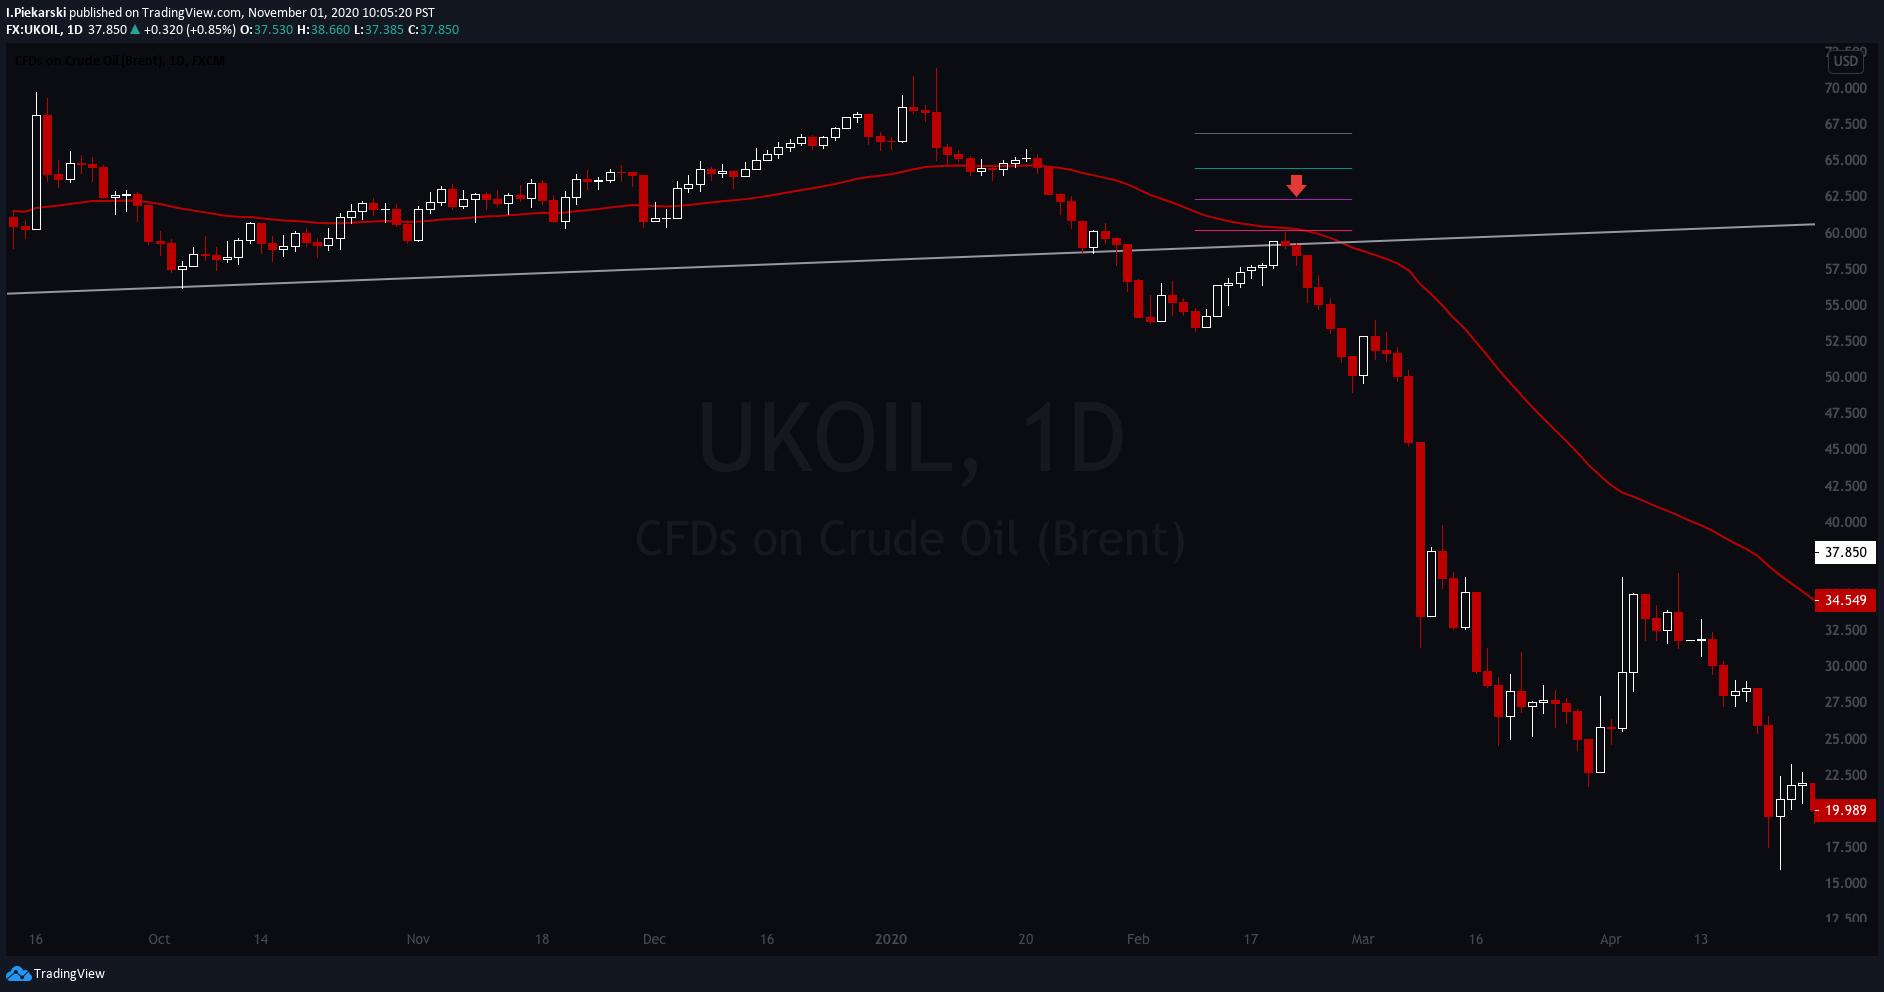 UKOILDaily Chart showcasing February 2020 big short.